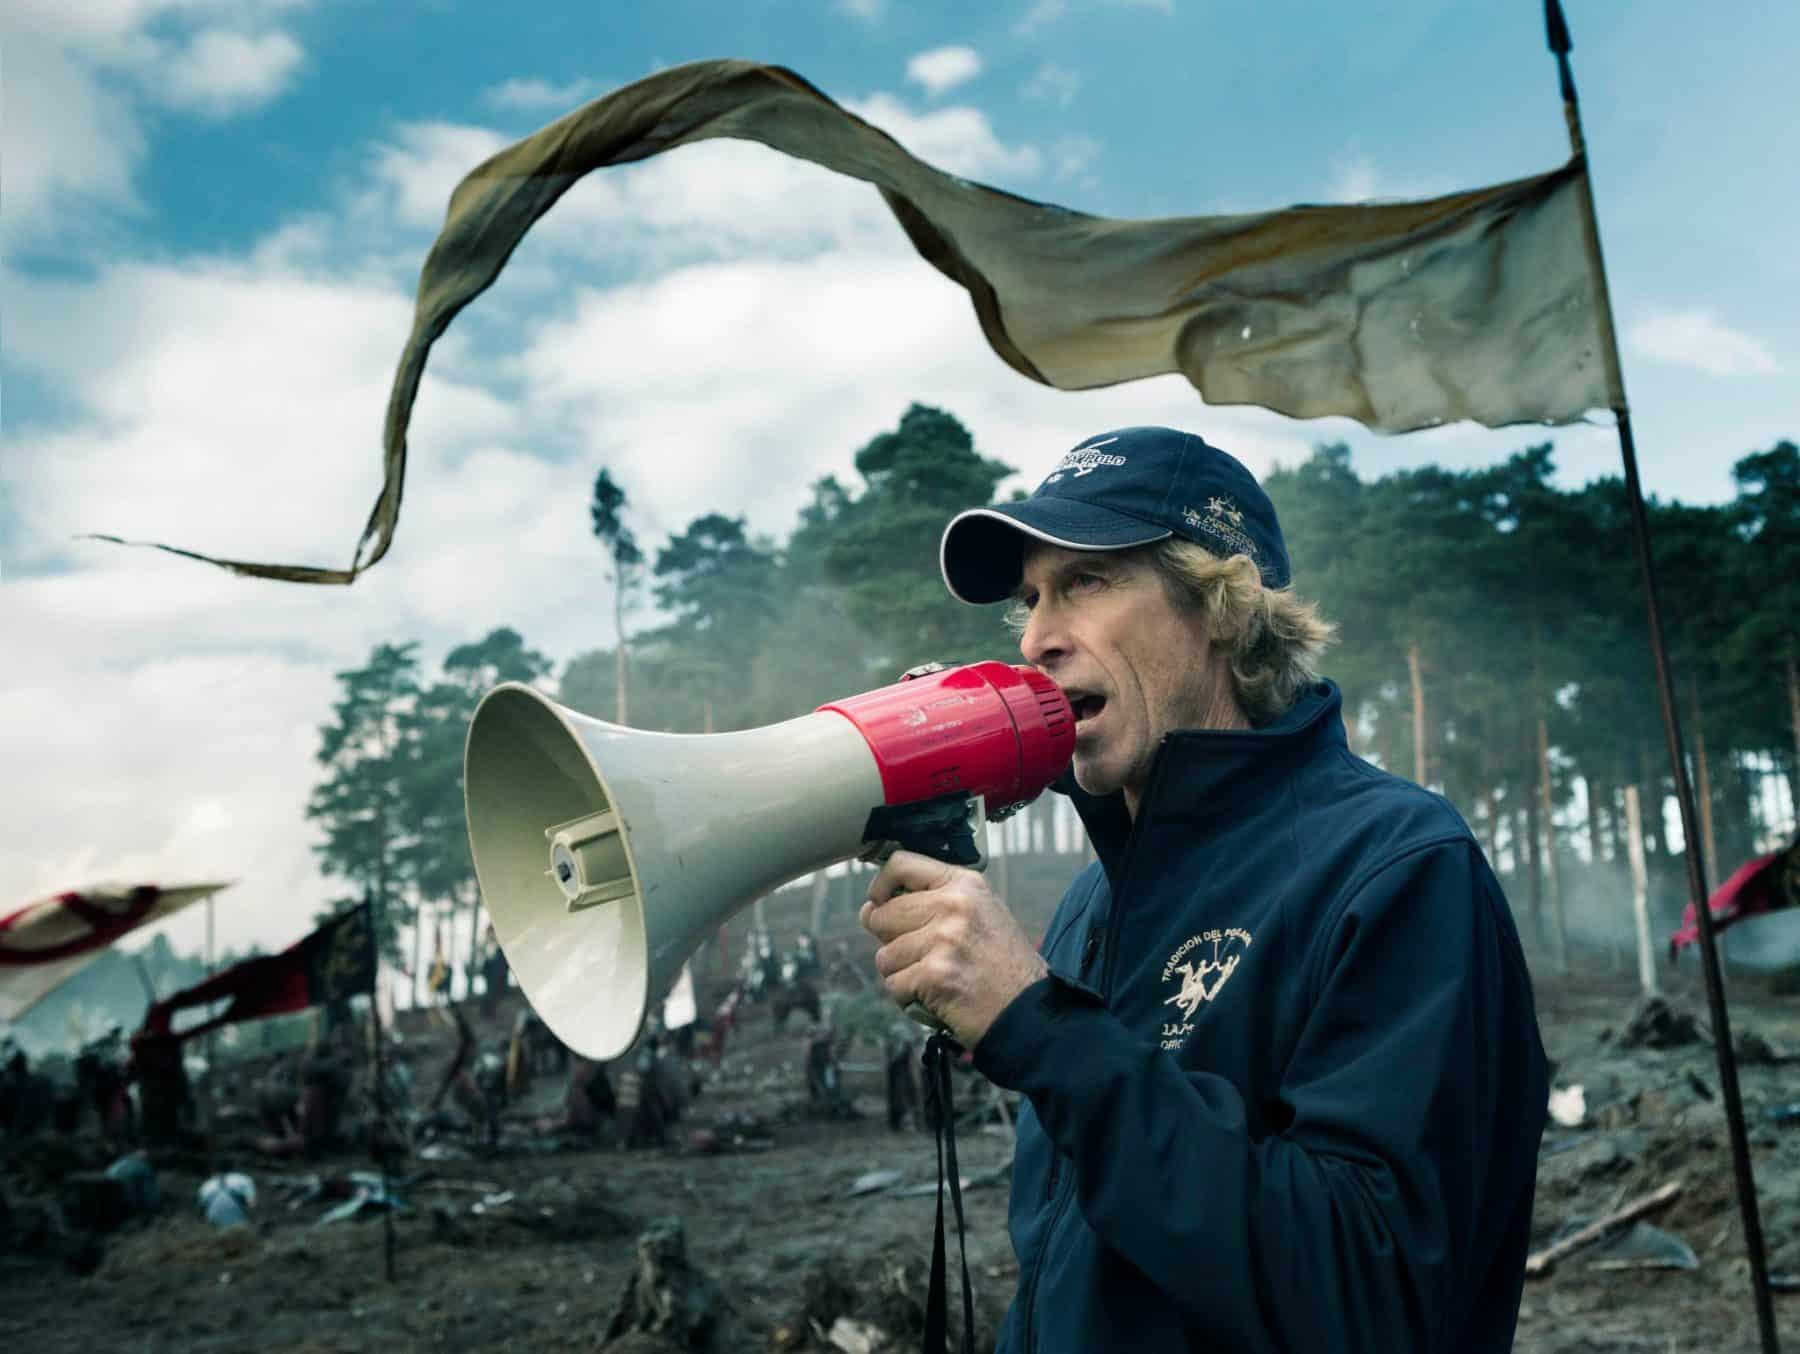 Michael bay dirigirá 6 Underground y Robocalypse, siguientes proyectos luego de Transformers: The Last Knight.